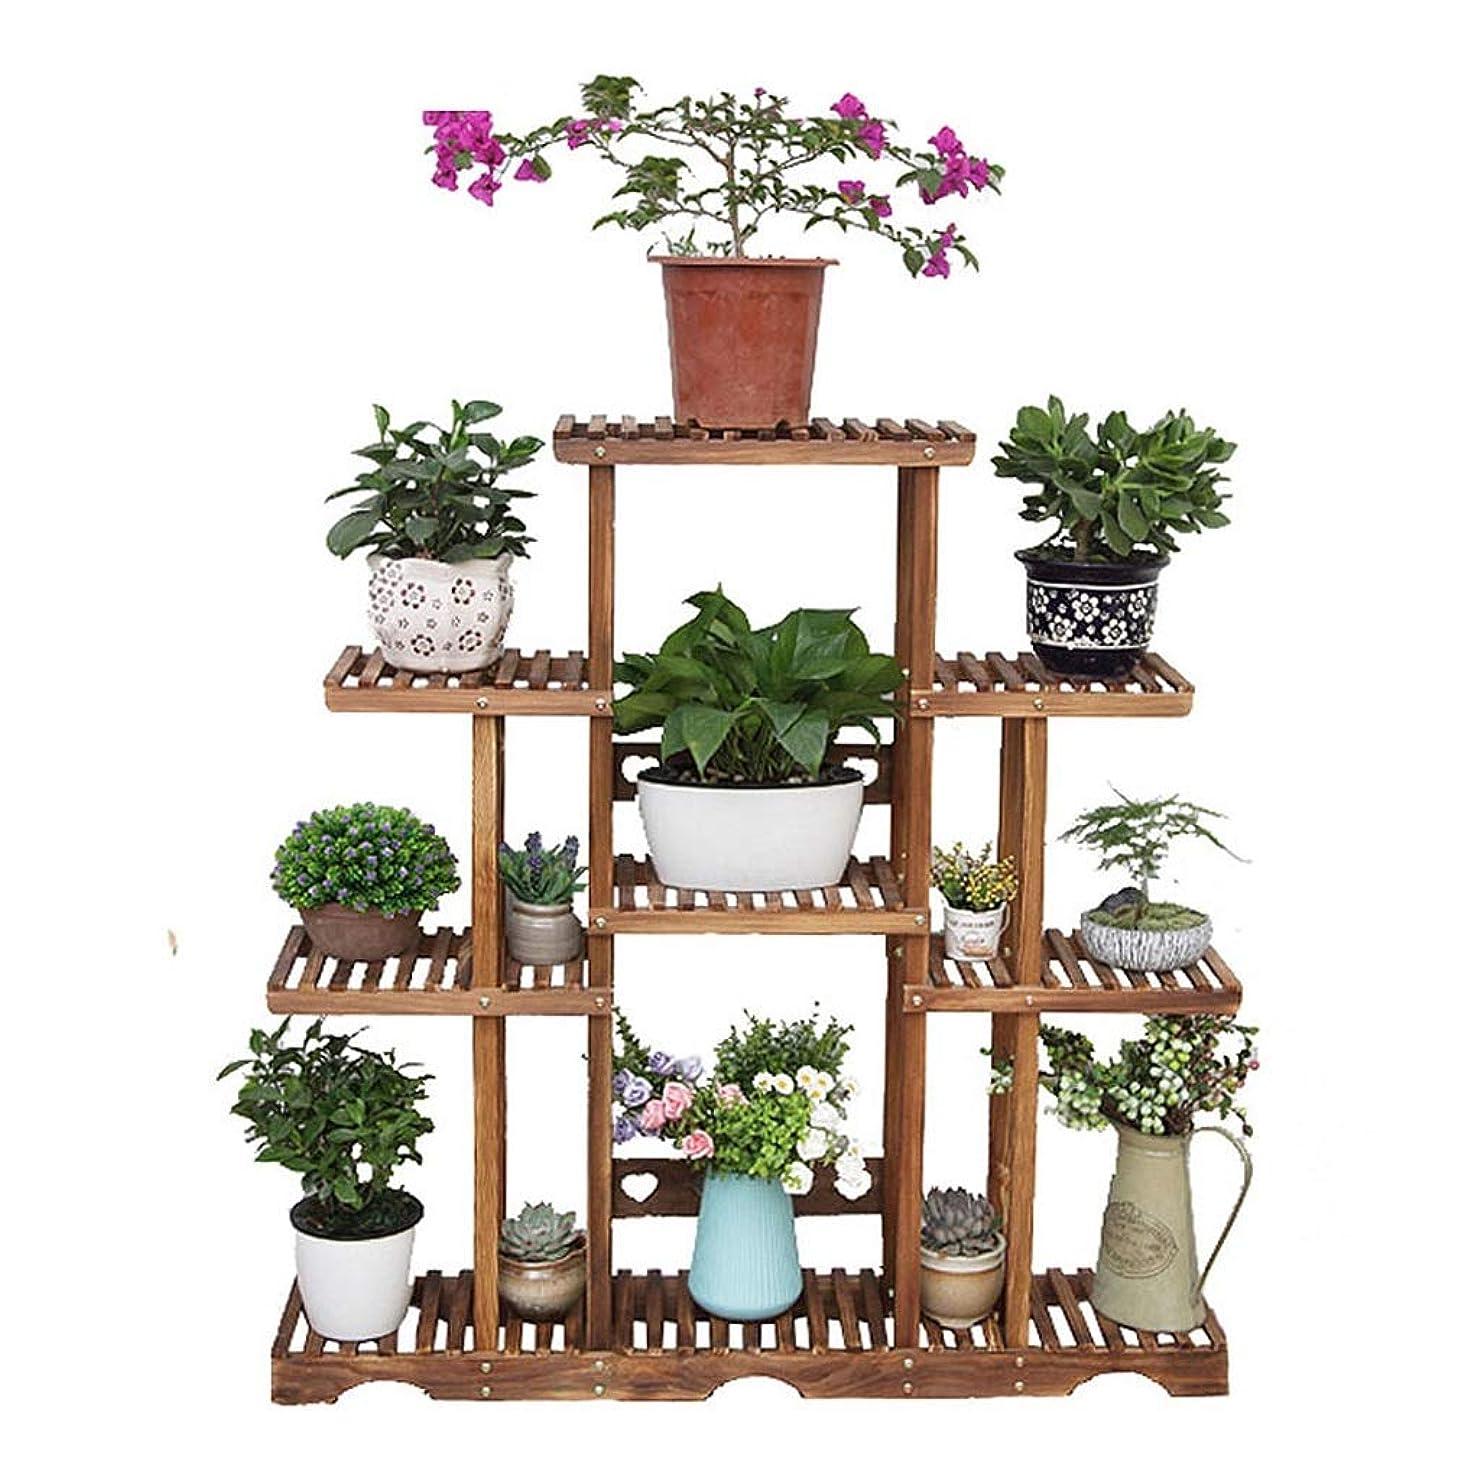 隔離事業食品木製の植物フレーム装飾フレーム屋内と屋外の花スタンド多層フロア収納棚ディスプレイスタンド防錆120×25×70センチ